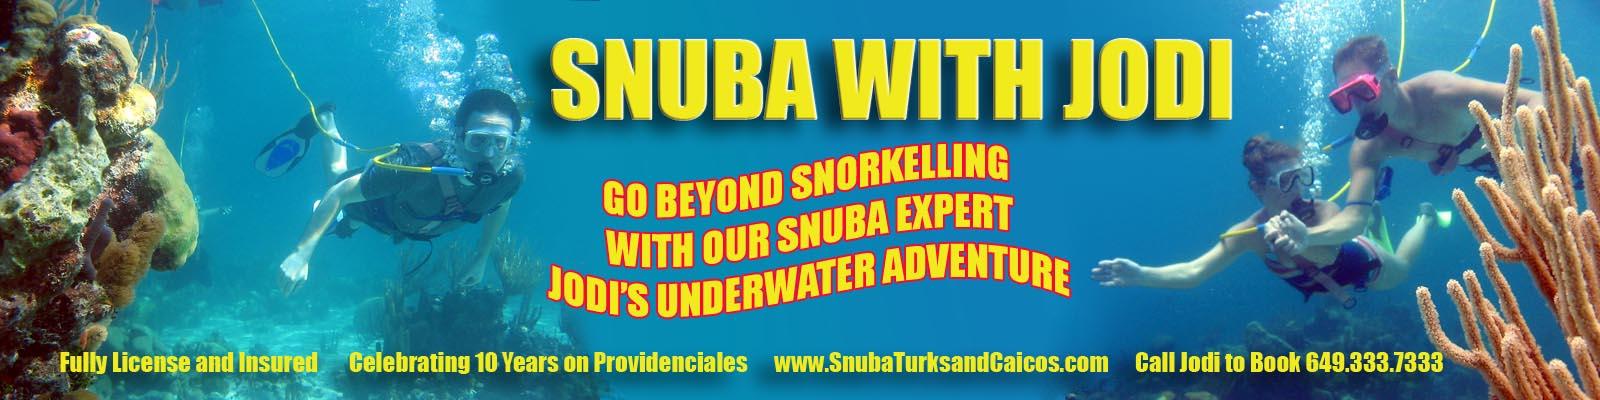 snuba turks caicos boat tours snorkle